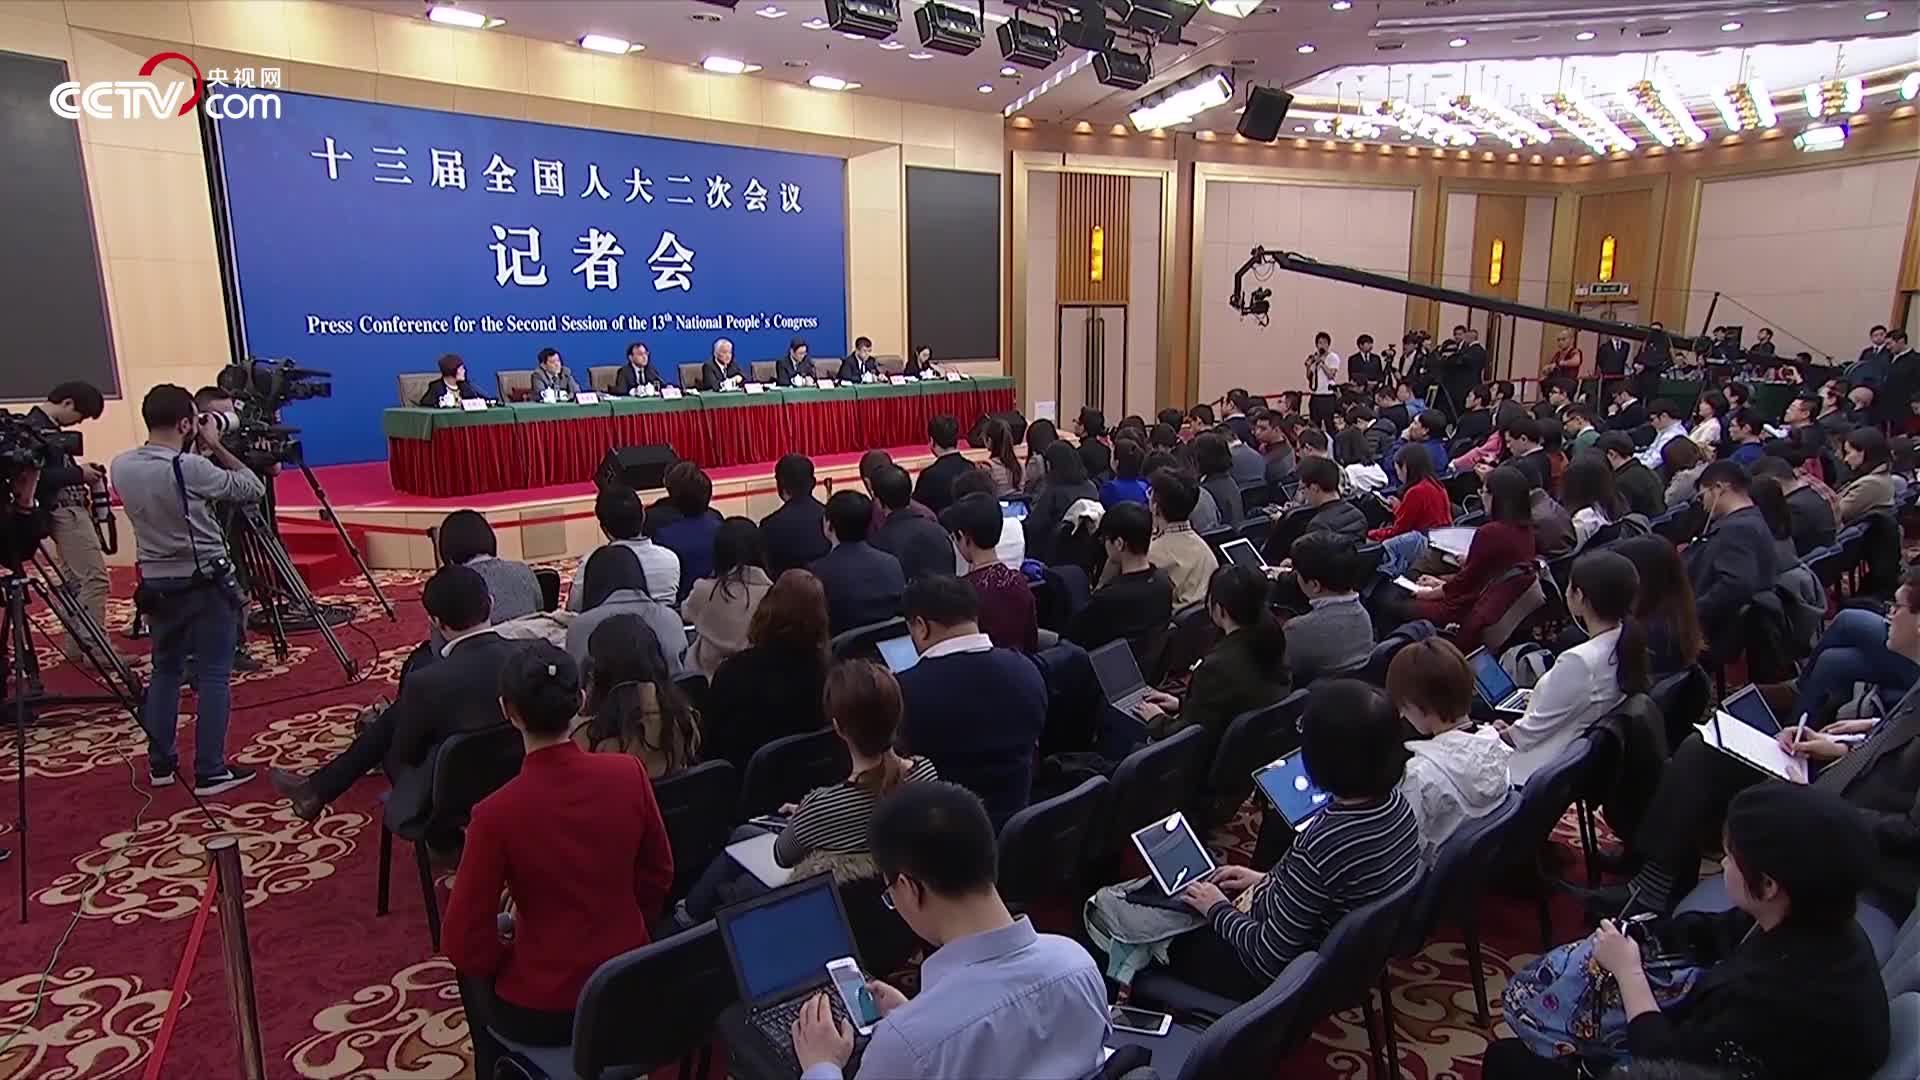 [视频]王志刚:中国科技的短板是基础研究 论文不是研究成果的句号